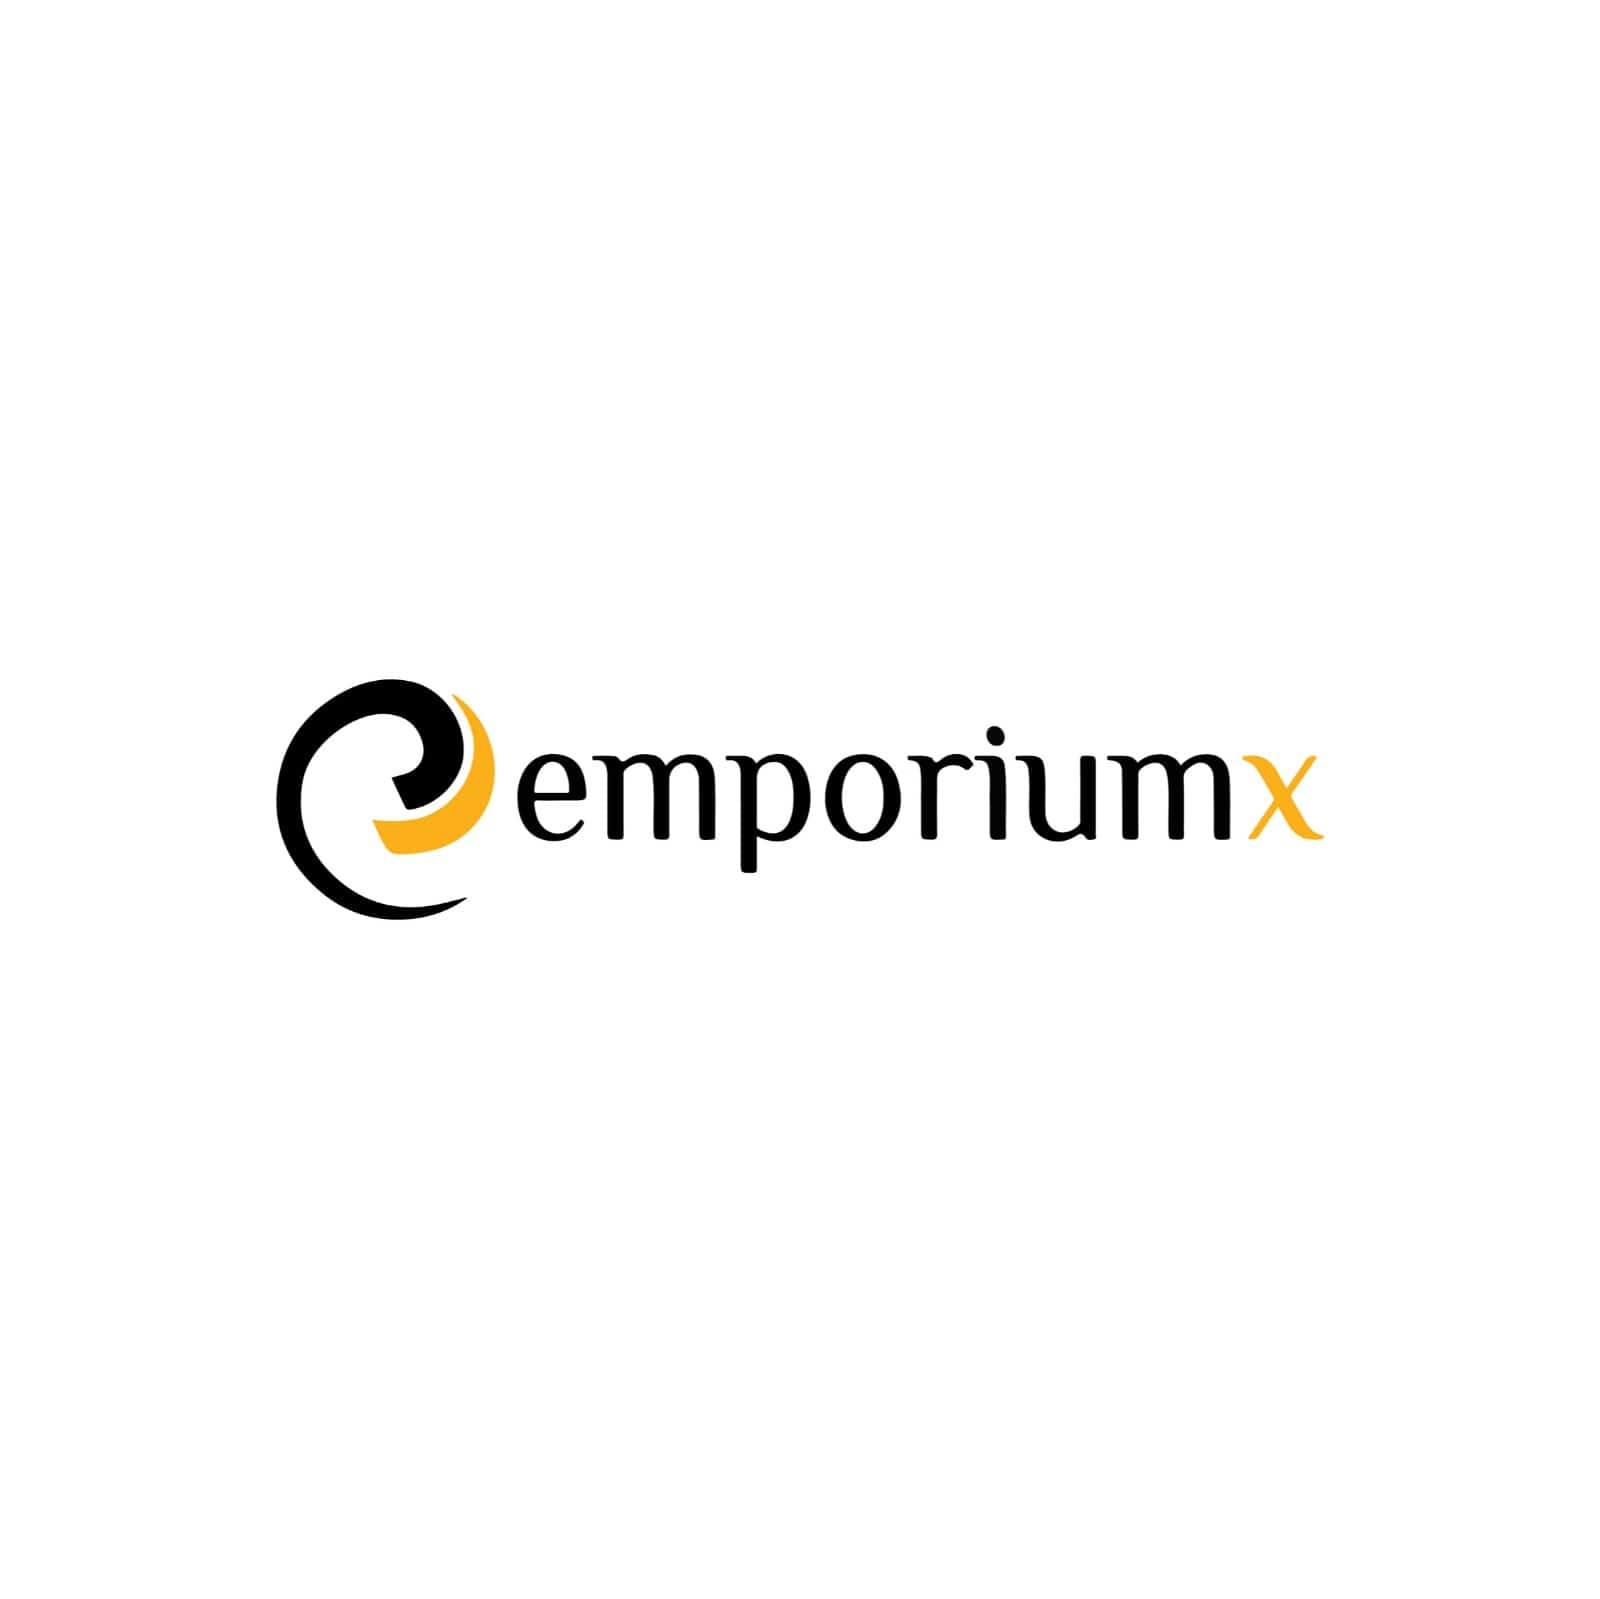 Emporiumx